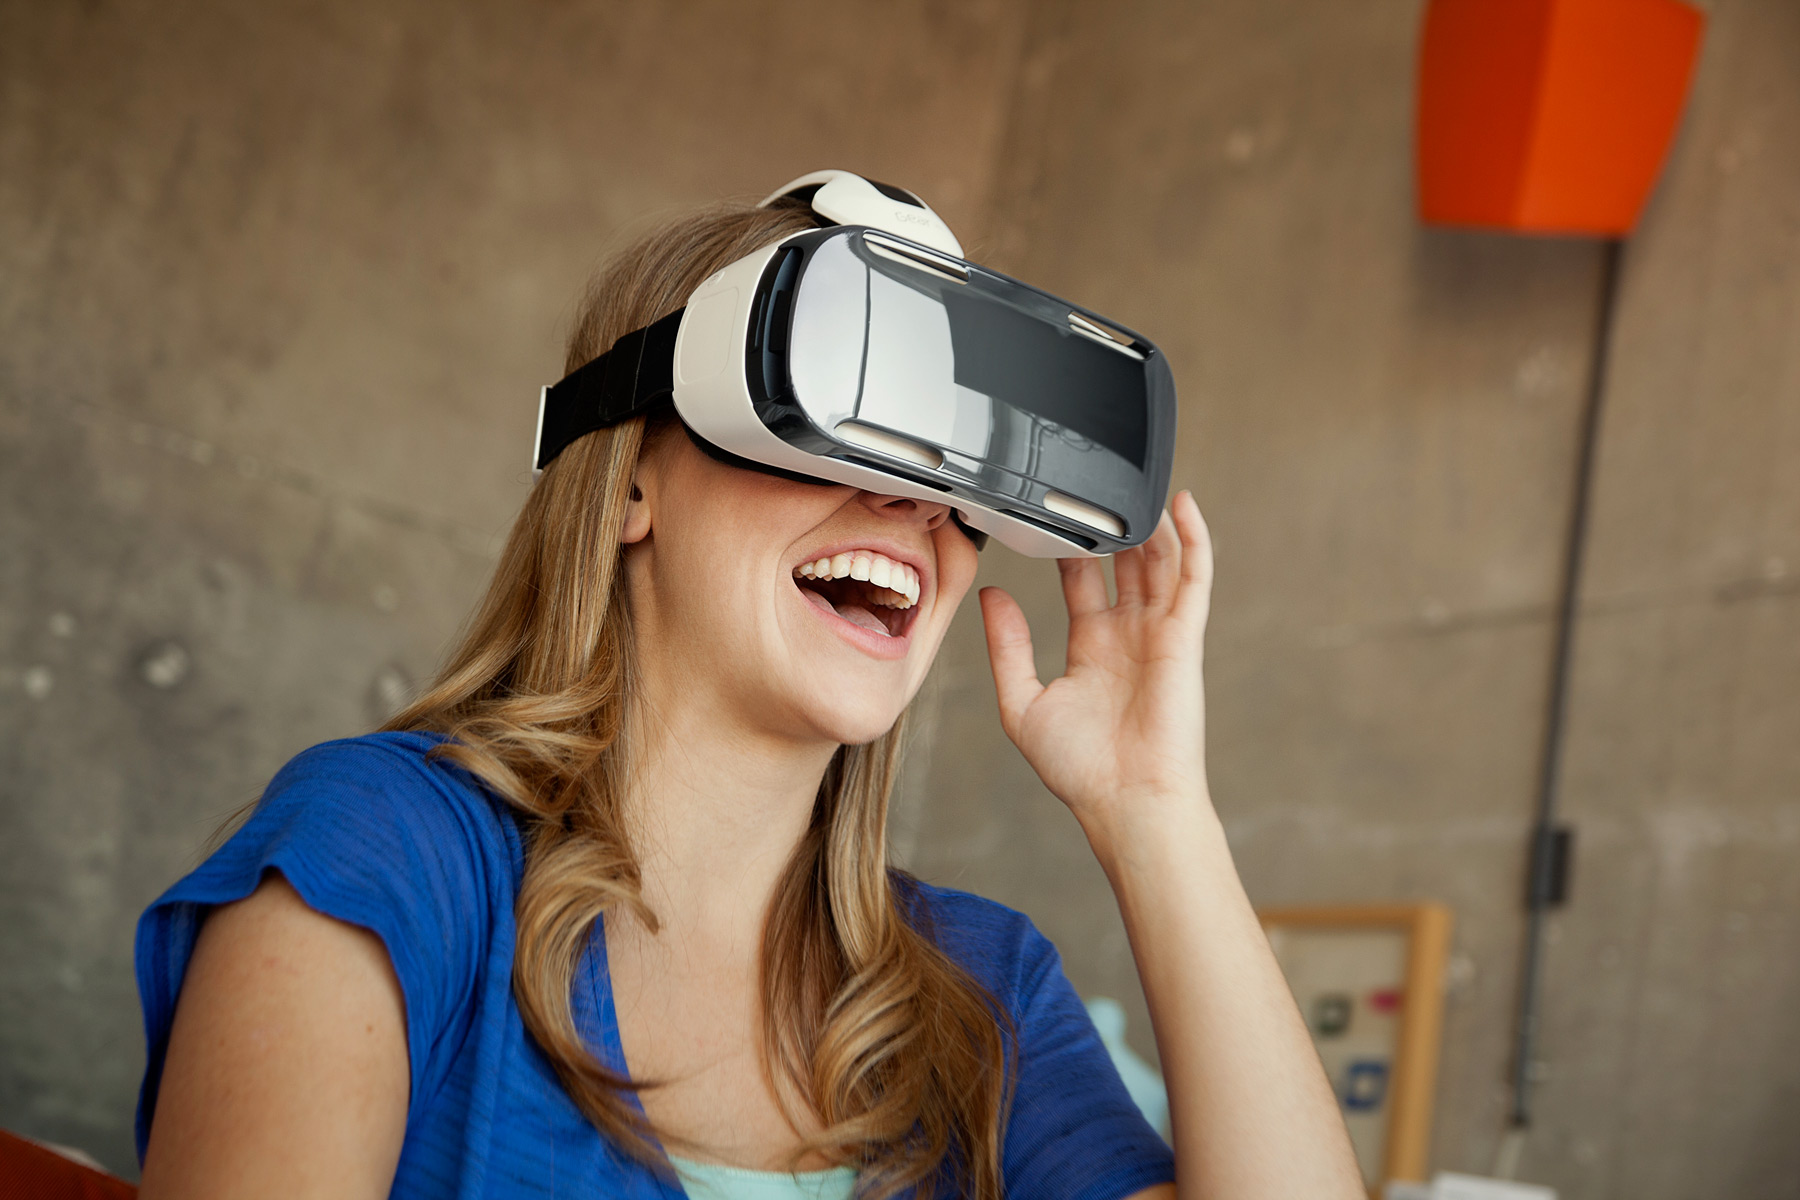 La realtà virtuale cambierà il mondo: ecco perché